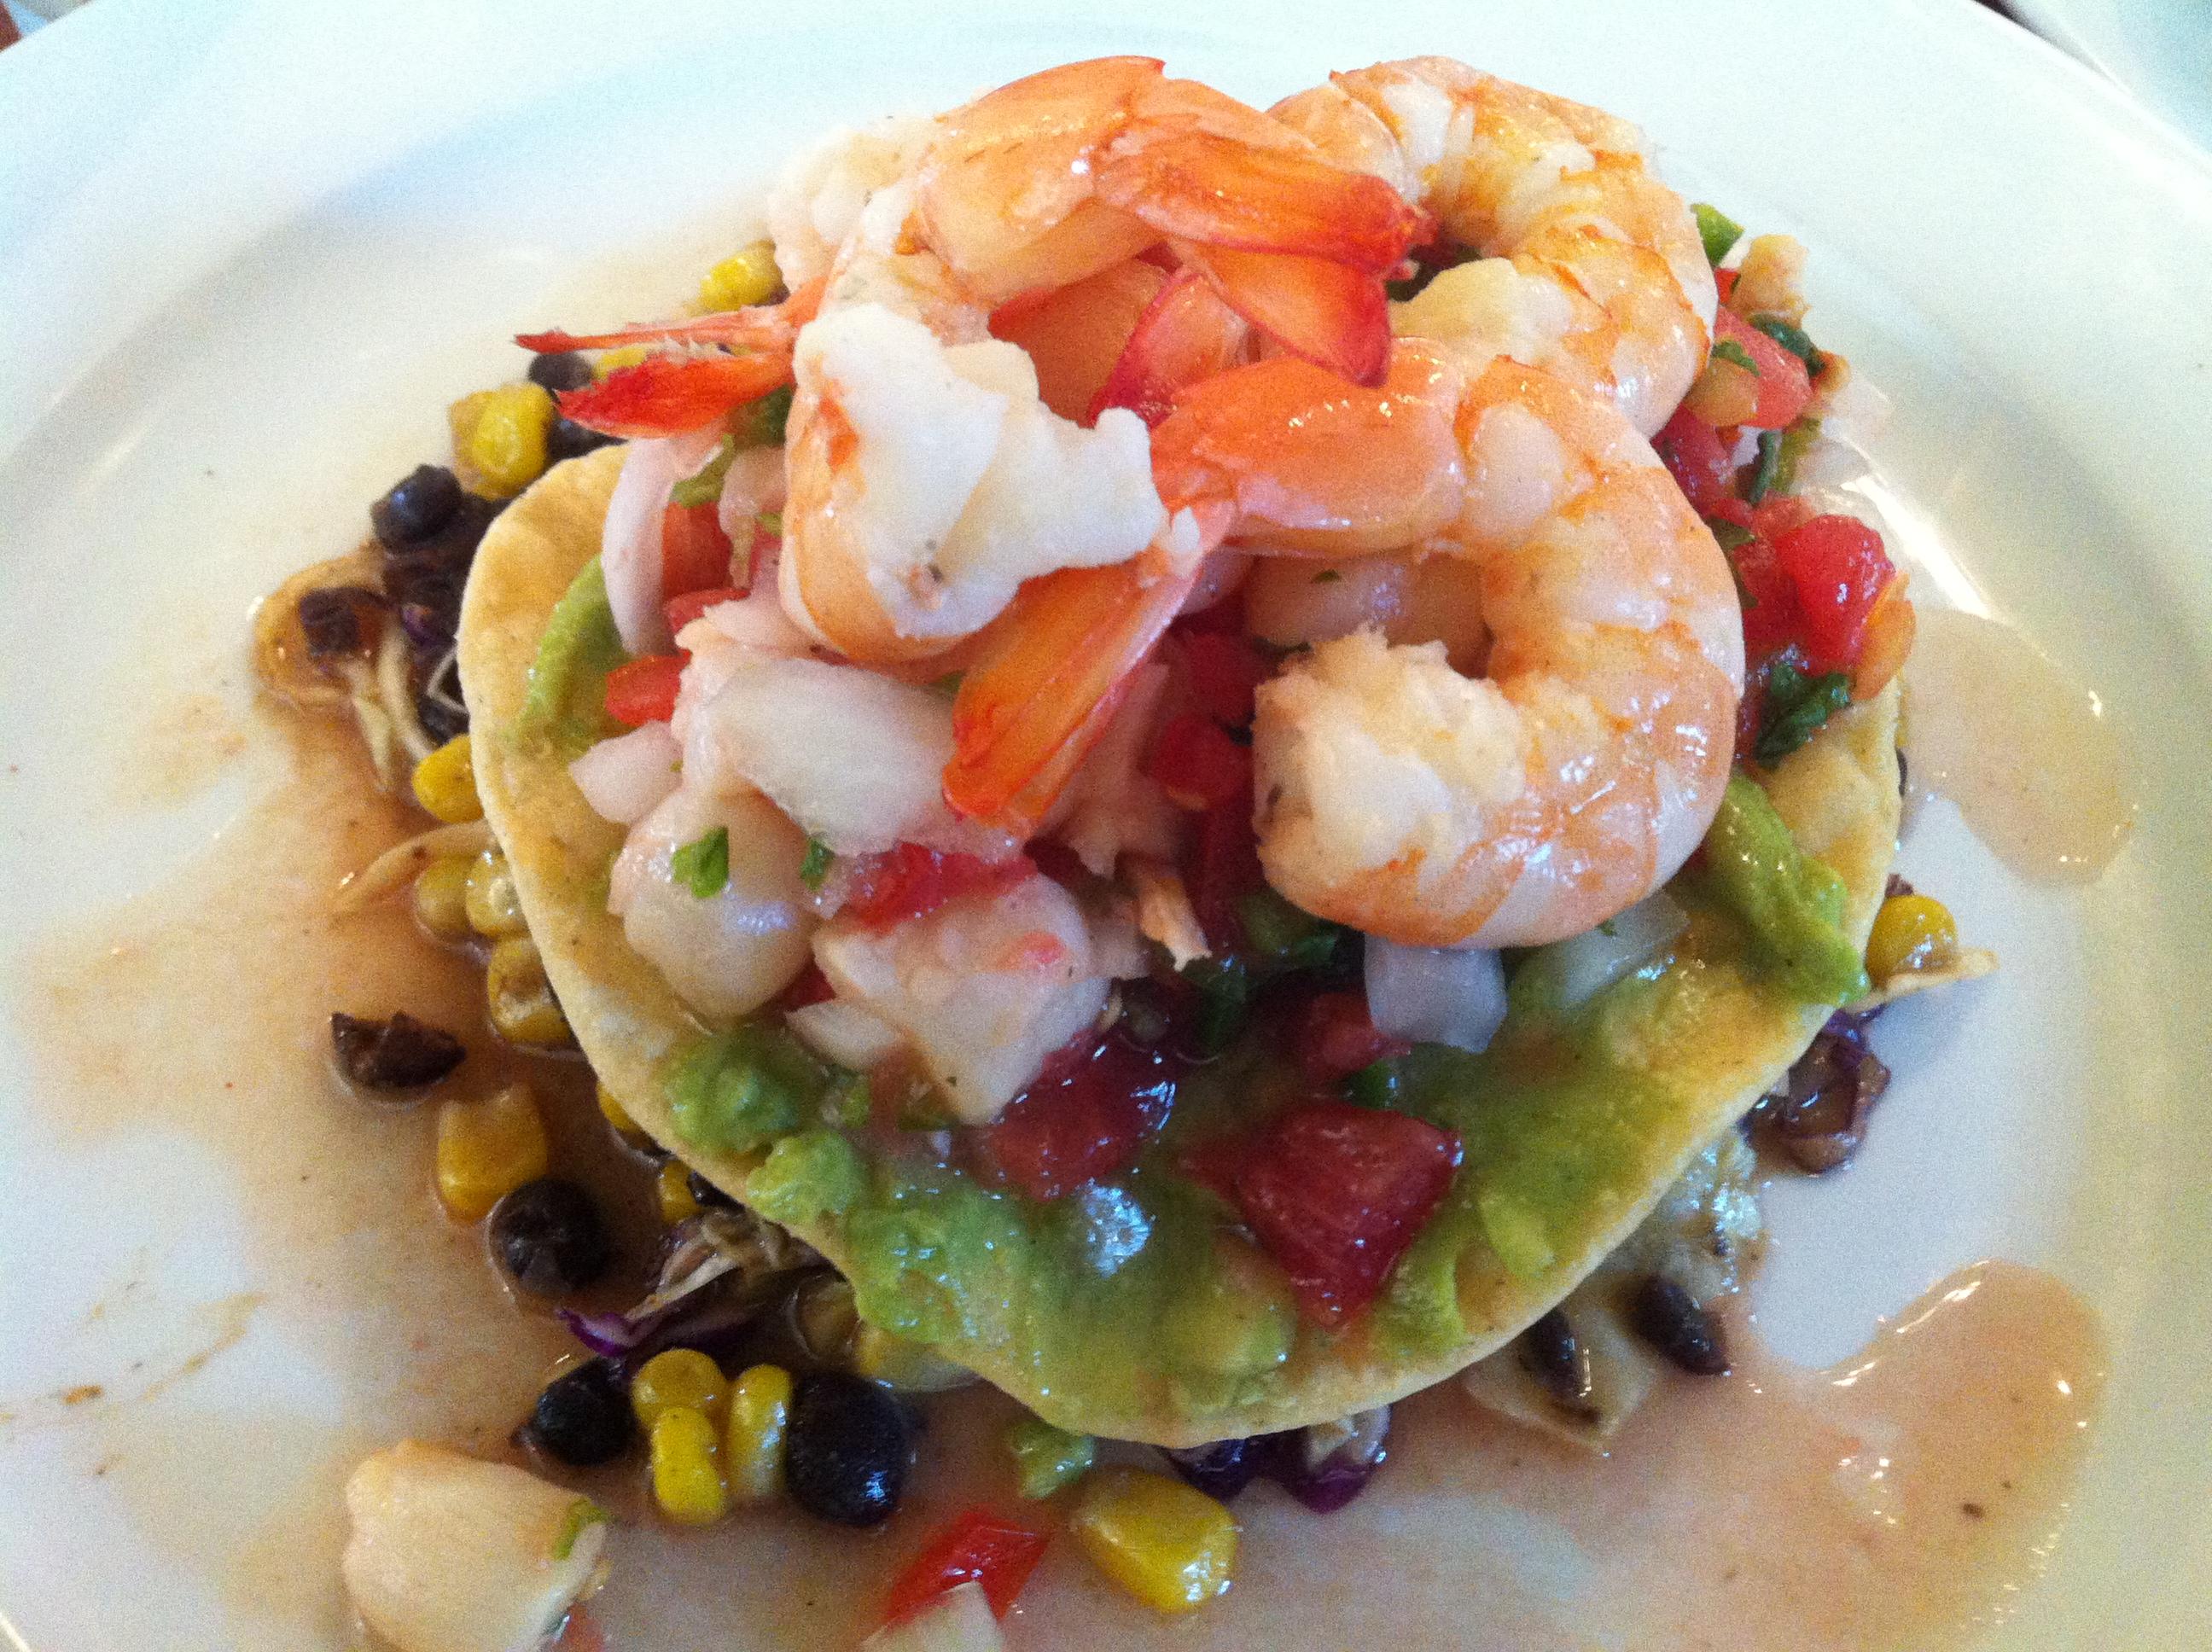 Shrimp & Scallop Ceviche Tostada | Ryan Boren